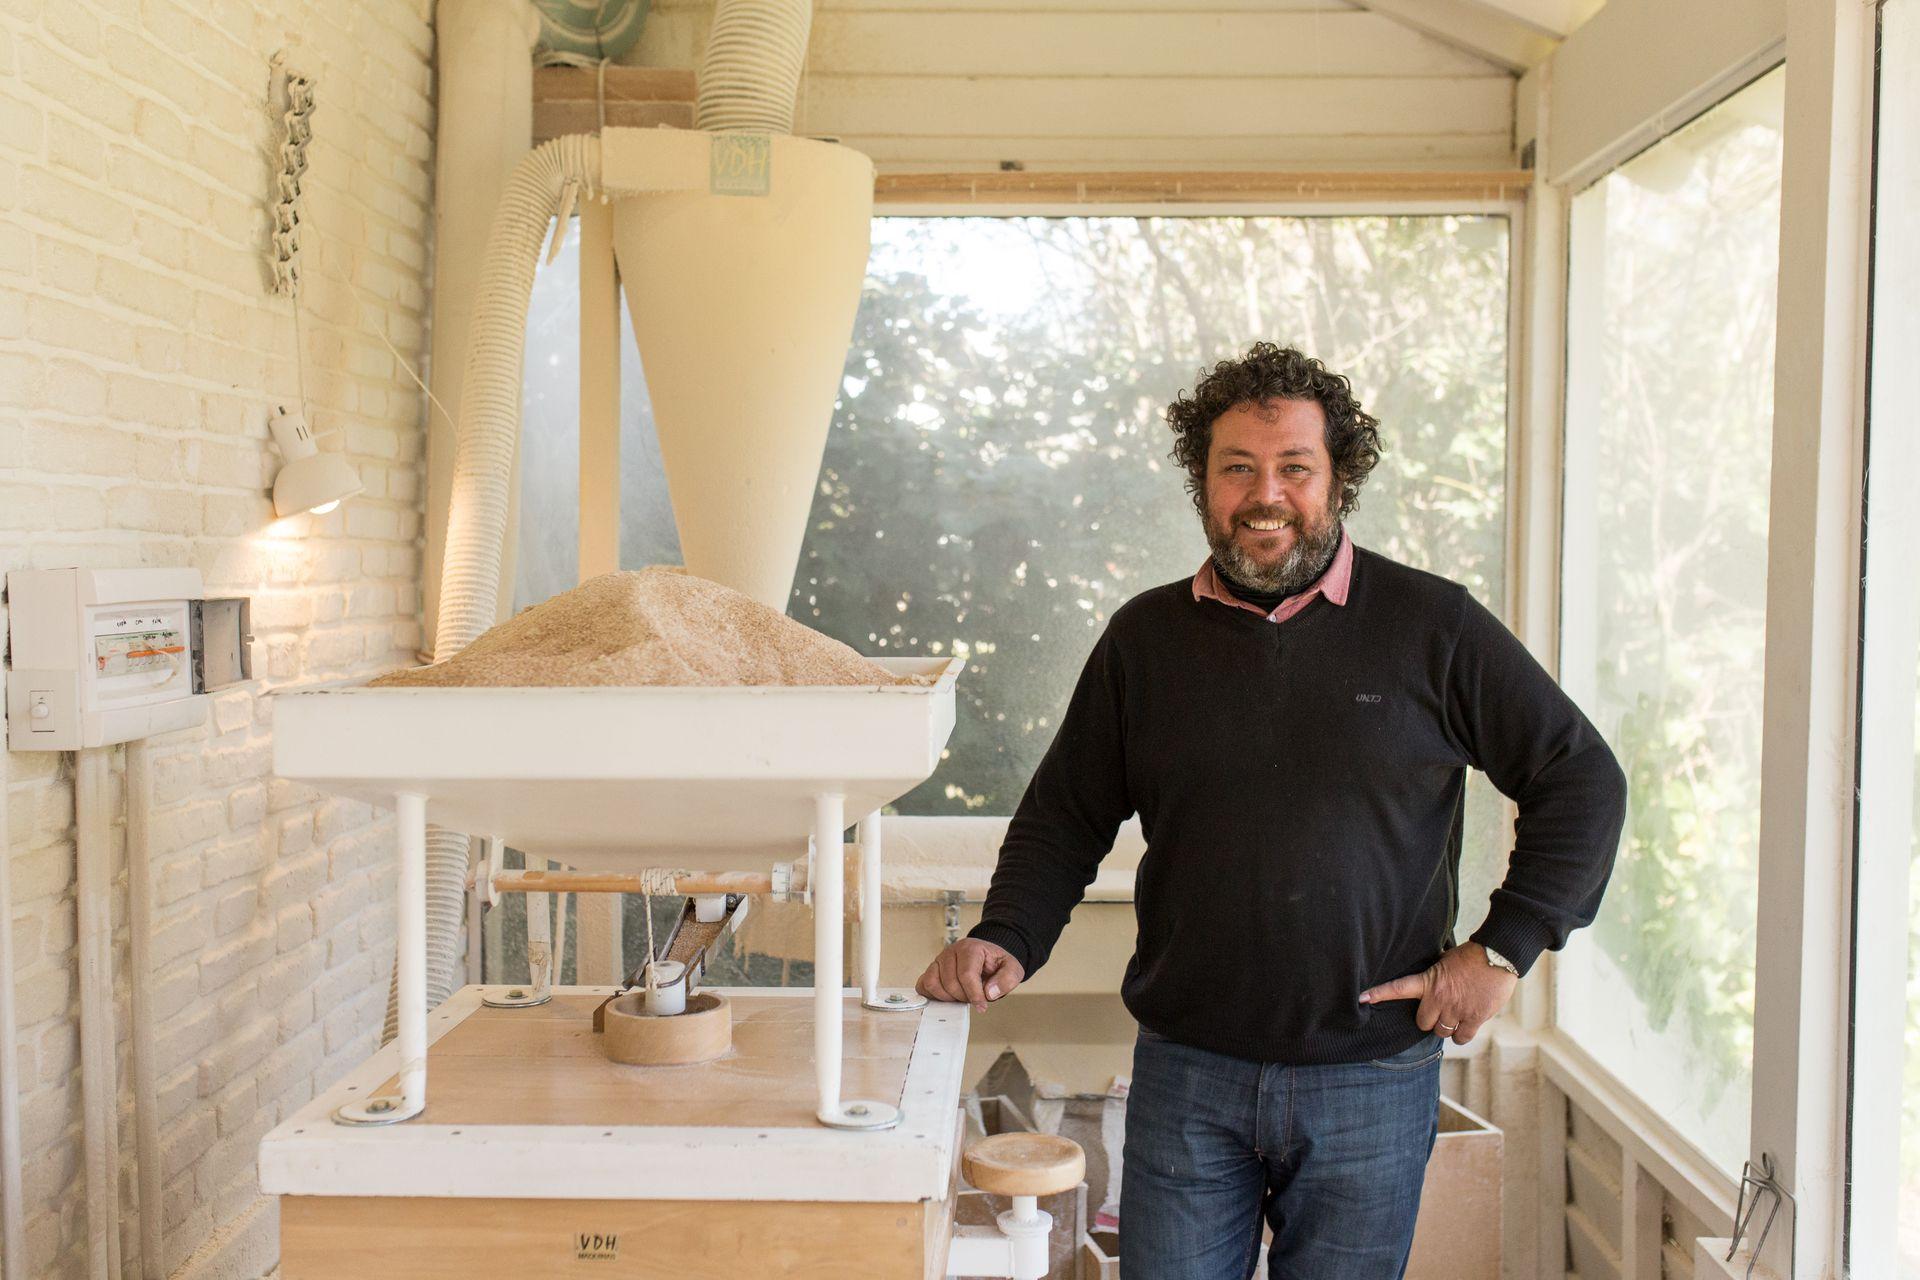 El último sueño cumplido fue usar su propio trigo para hacer los panes, transformado en un pequeño molino.